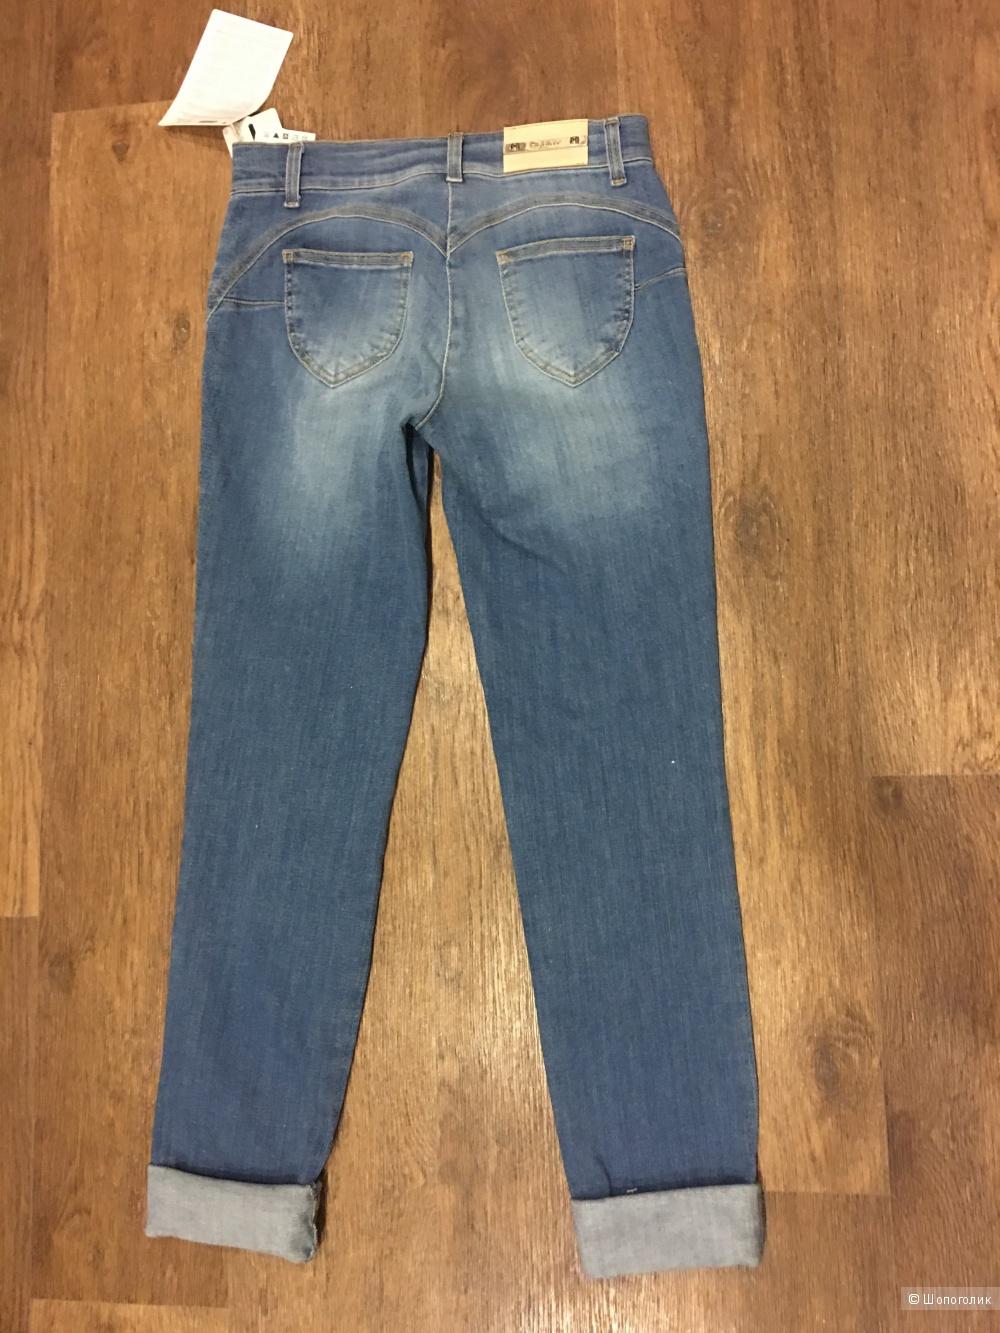 Новые итальянская джинсы byblos 26 размер